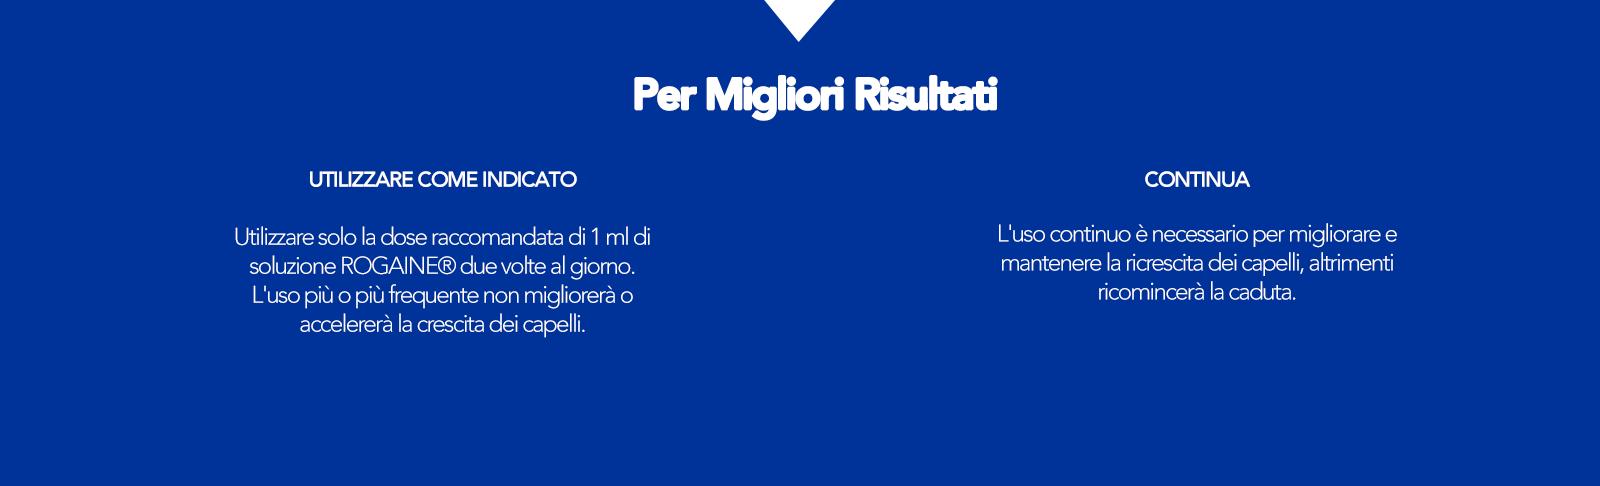 migliroi_risultati